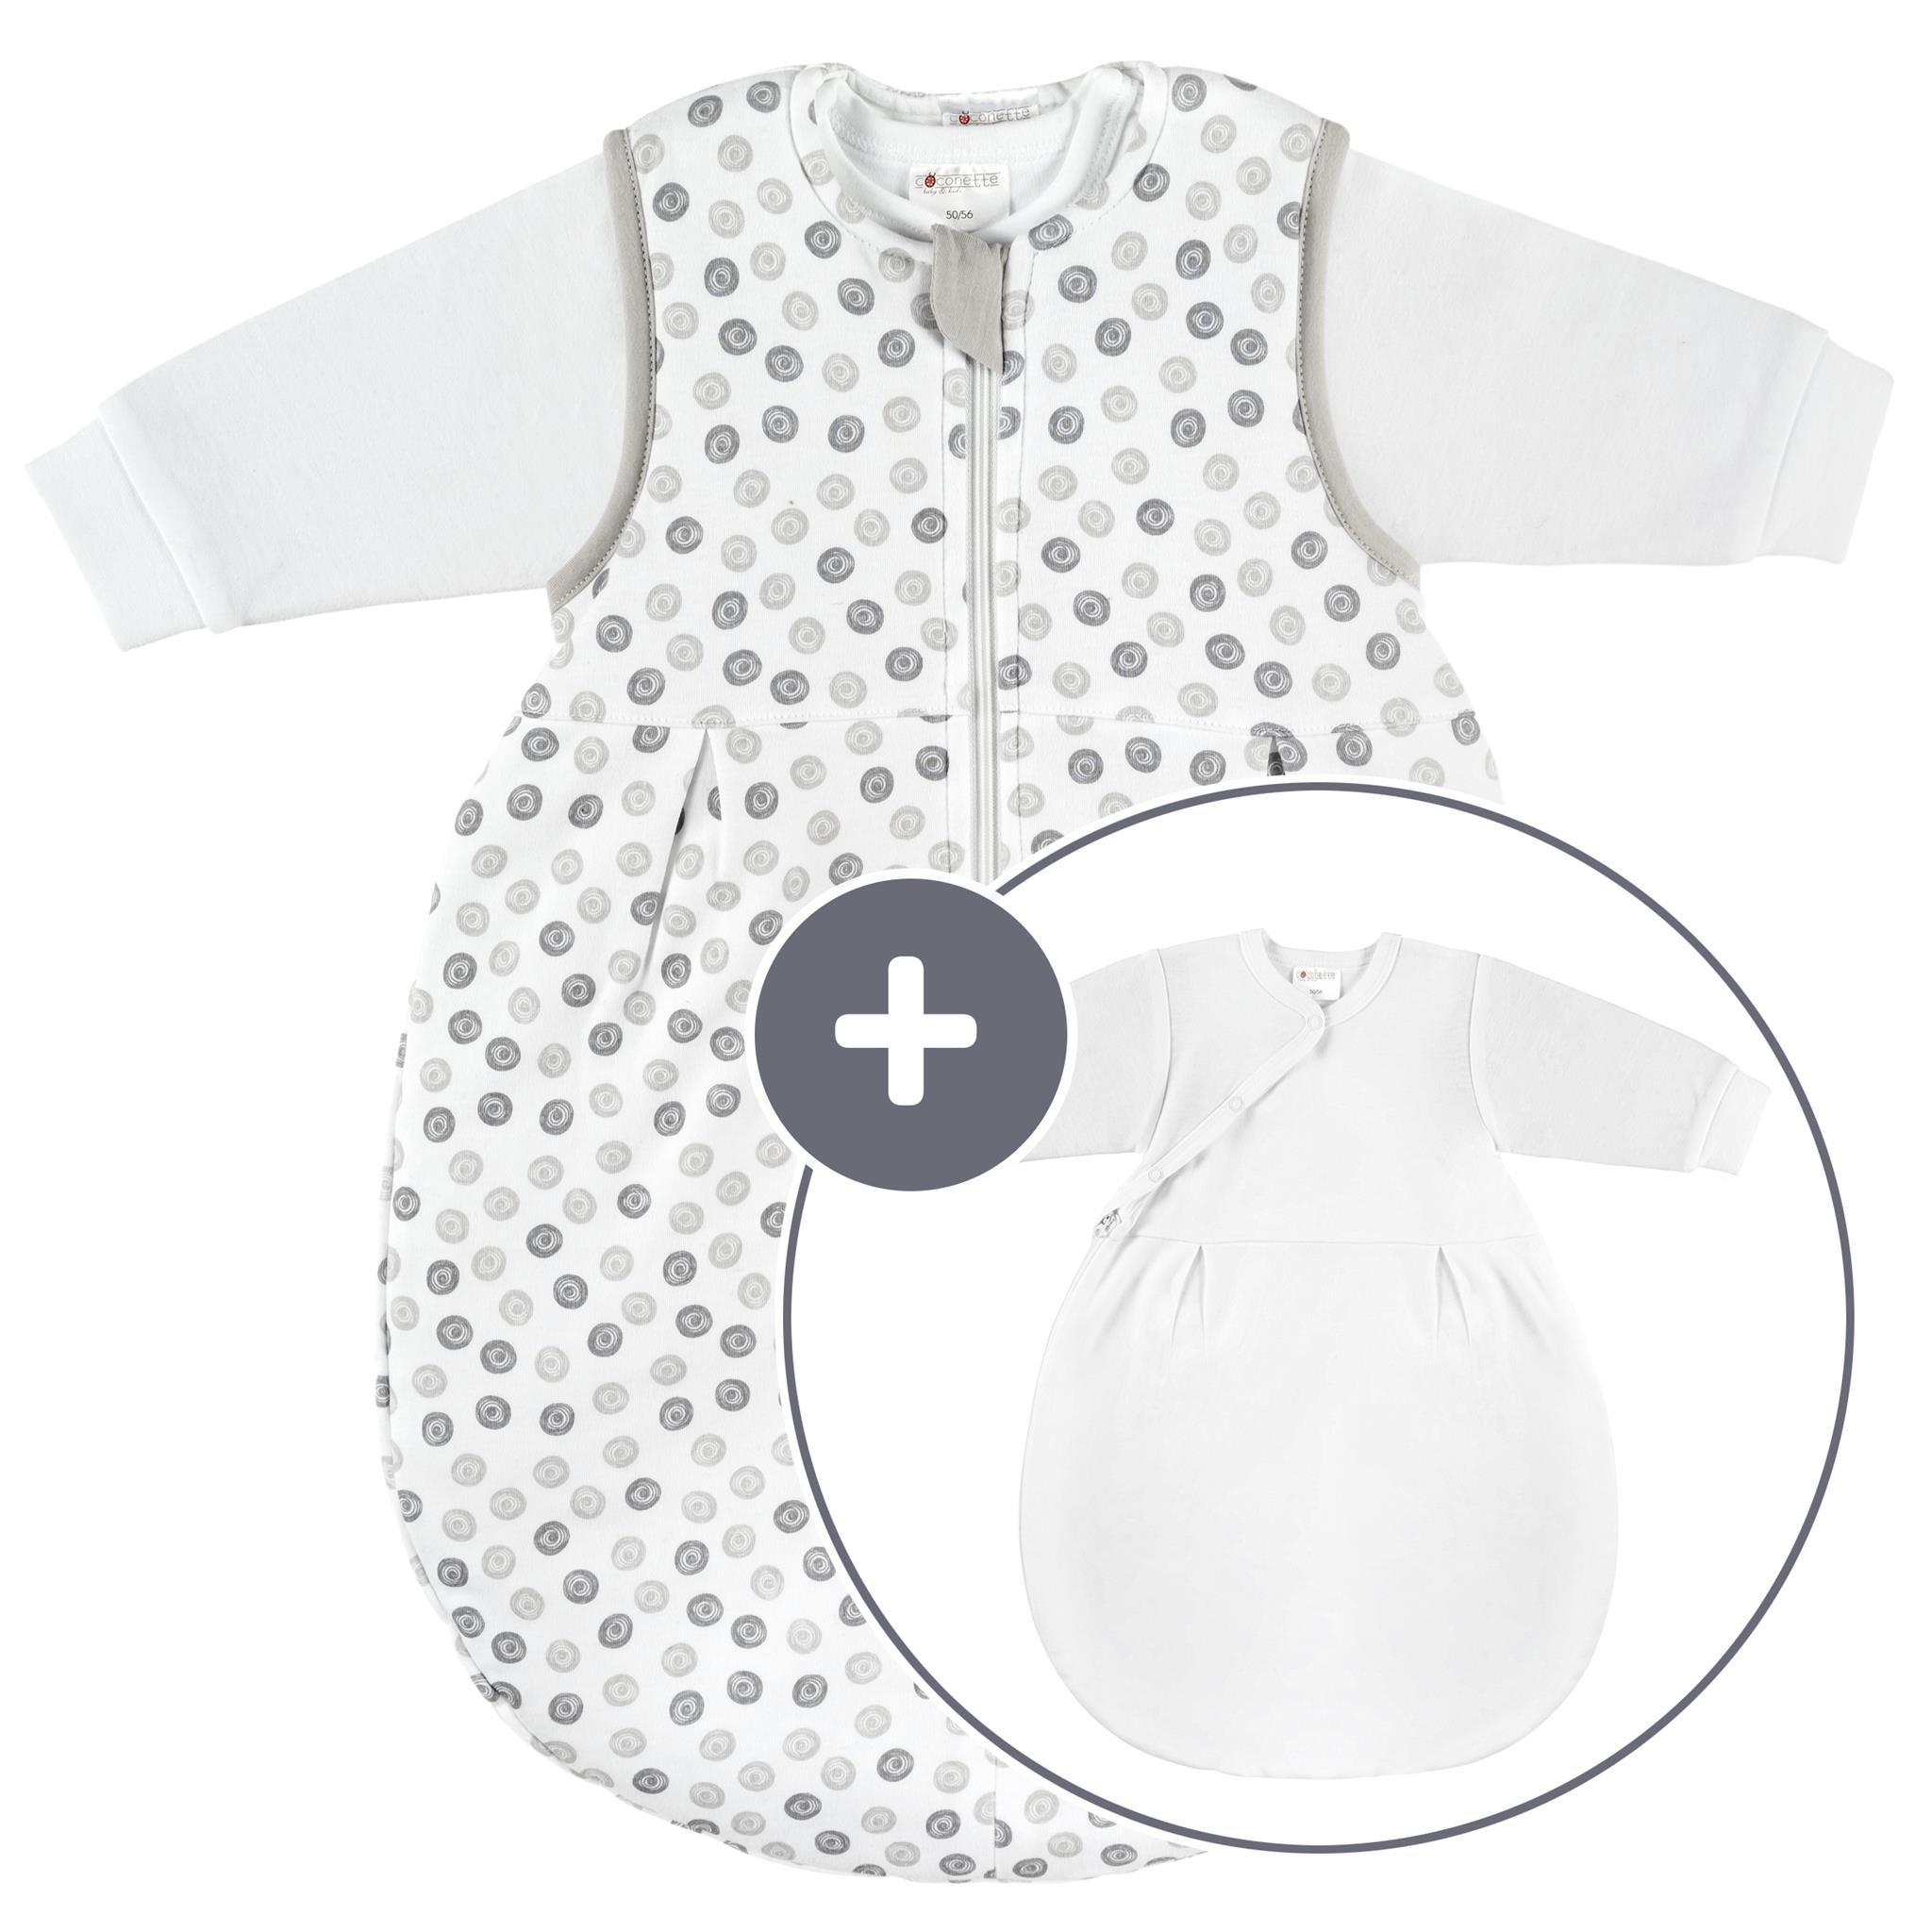 Coconette Circle Saco de dormir bebé todo el año – 2 Piezas: saco exterior forrado y saco interior de manga larga   para invierno y verano, 100% algodón – Talla: 0-3 meses (50/56)